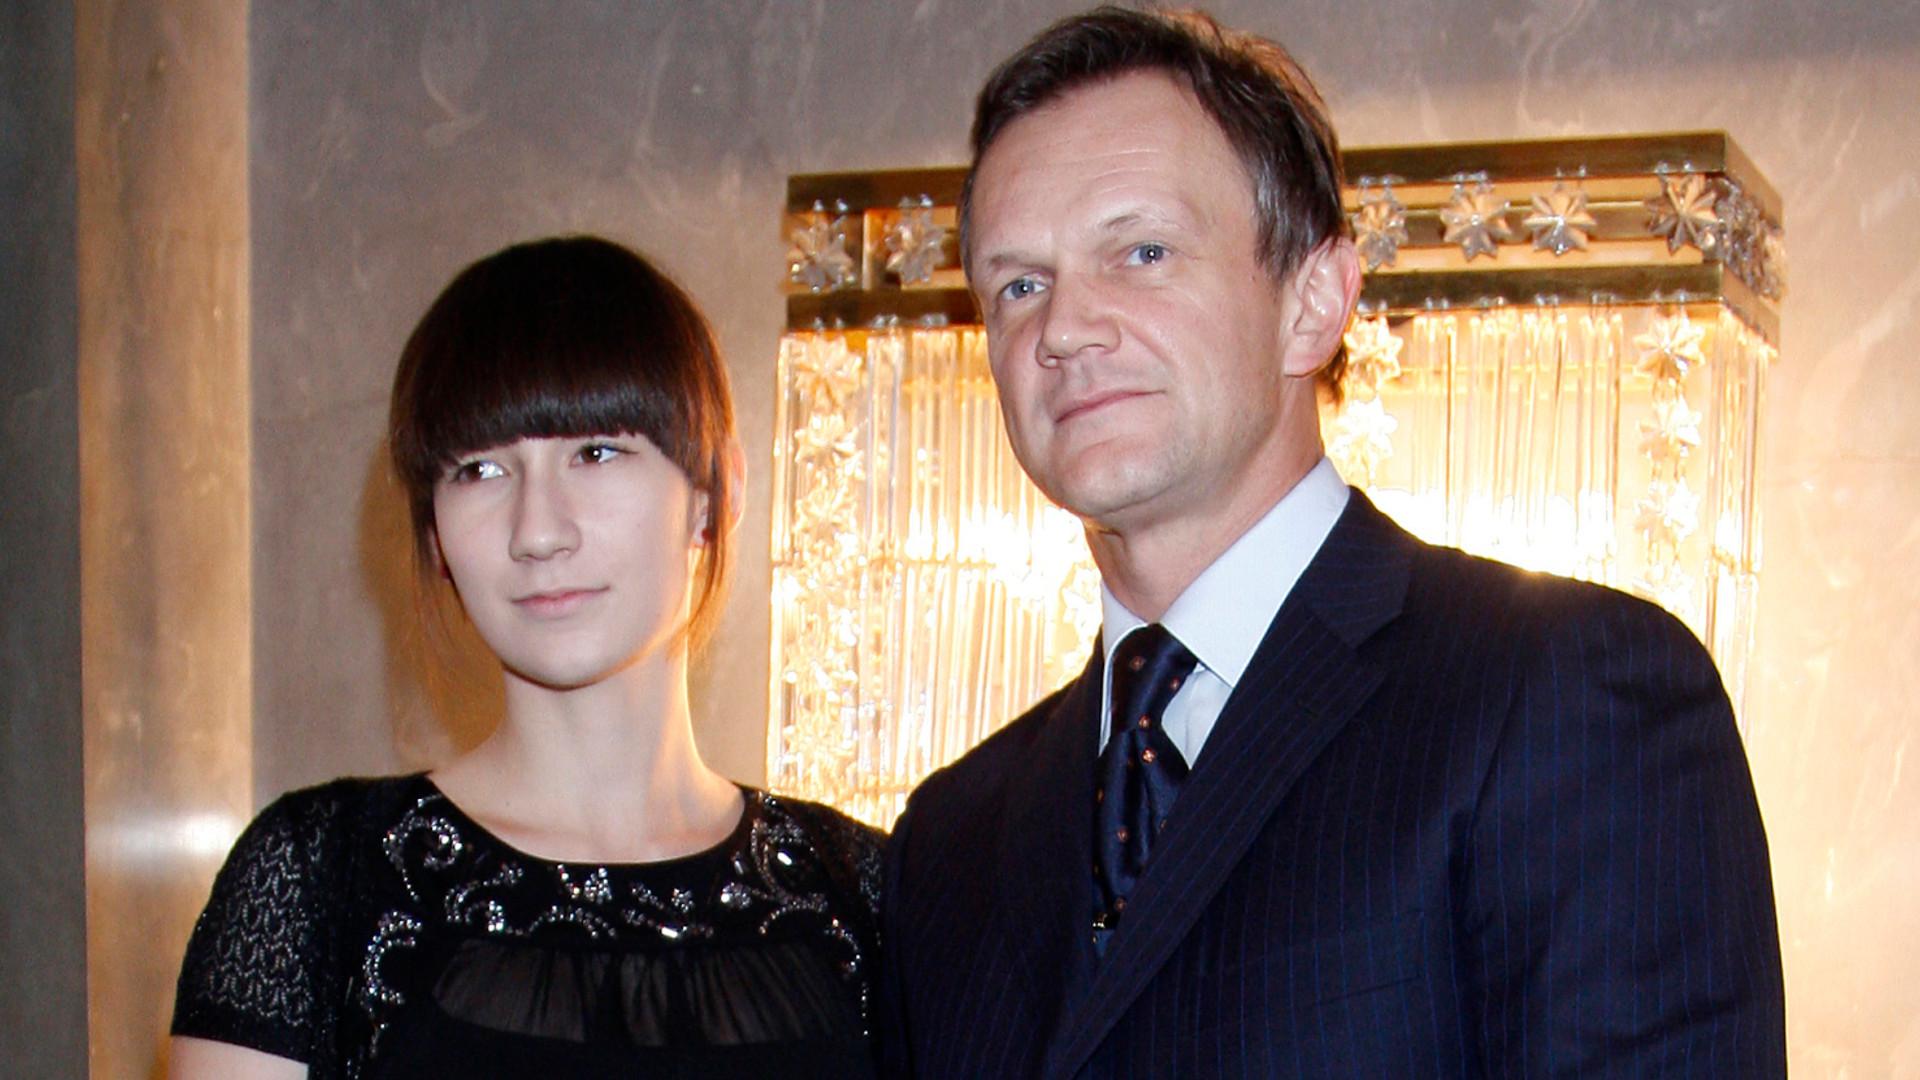 Najstarsza córka Cezarego Pazury ma już 32 lata. Aktor pokazał z nią wyjątkowe zdjęcie